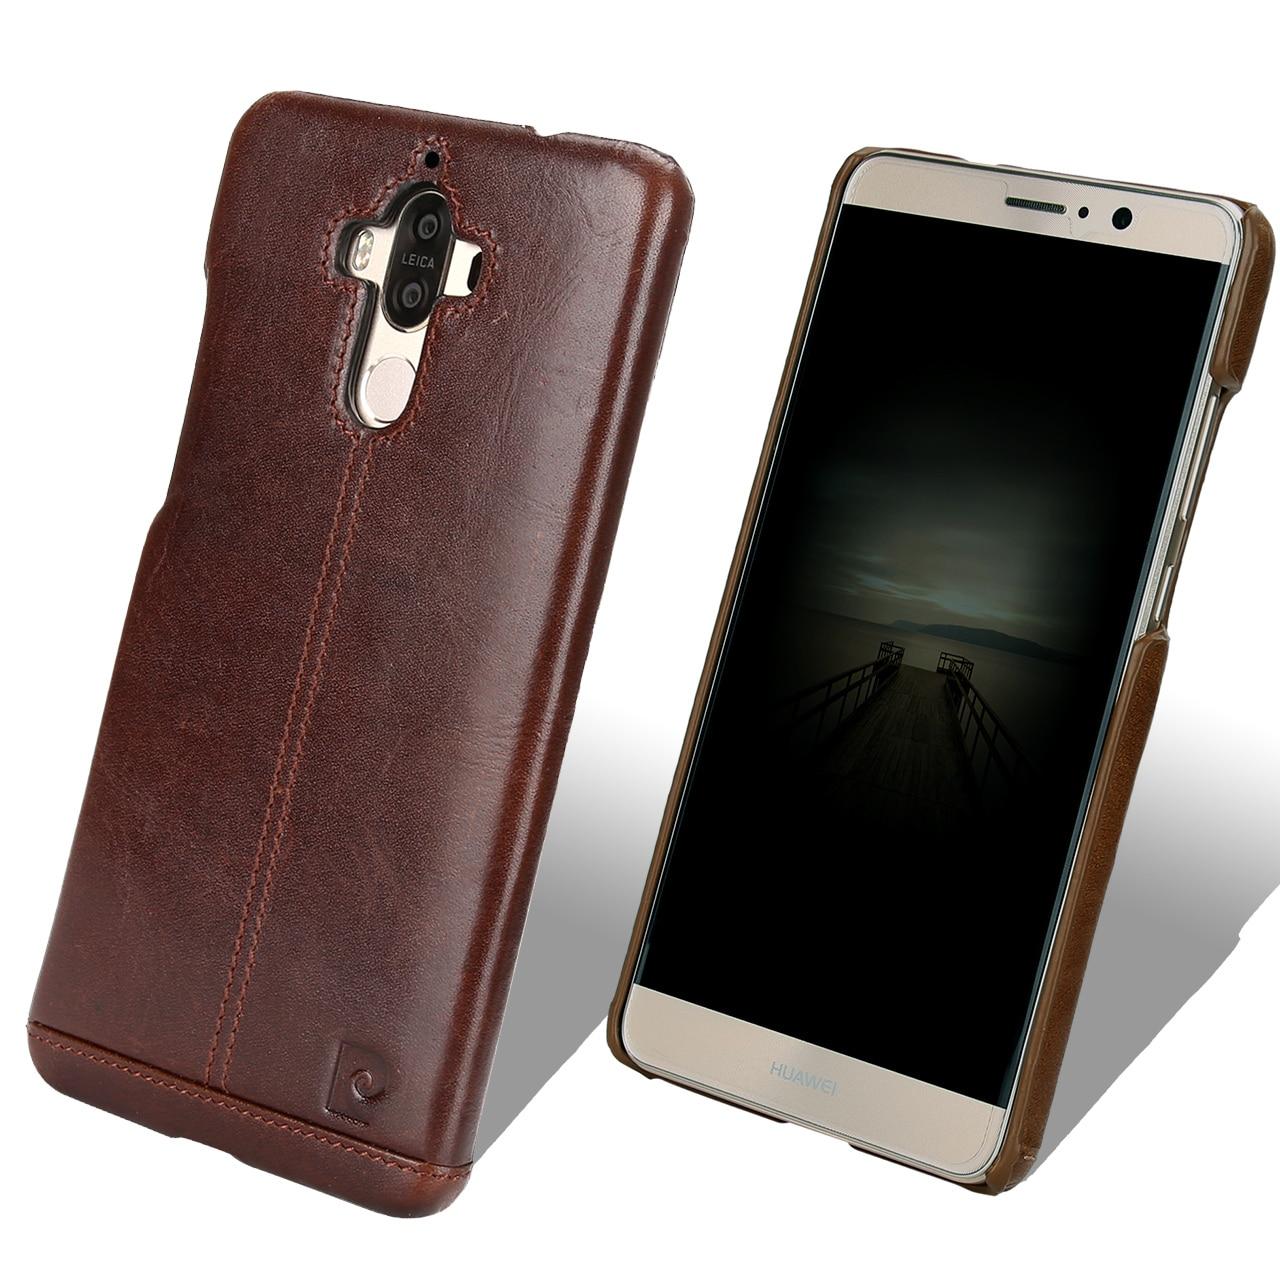 bilder für Für Huawei Taube 9 Fall Ursprüngliche Pierre Cardin Luxus Marke echtes Leder-kasten Für Huawei Kollege 9 Schutz Telefon Abdeckung fällen